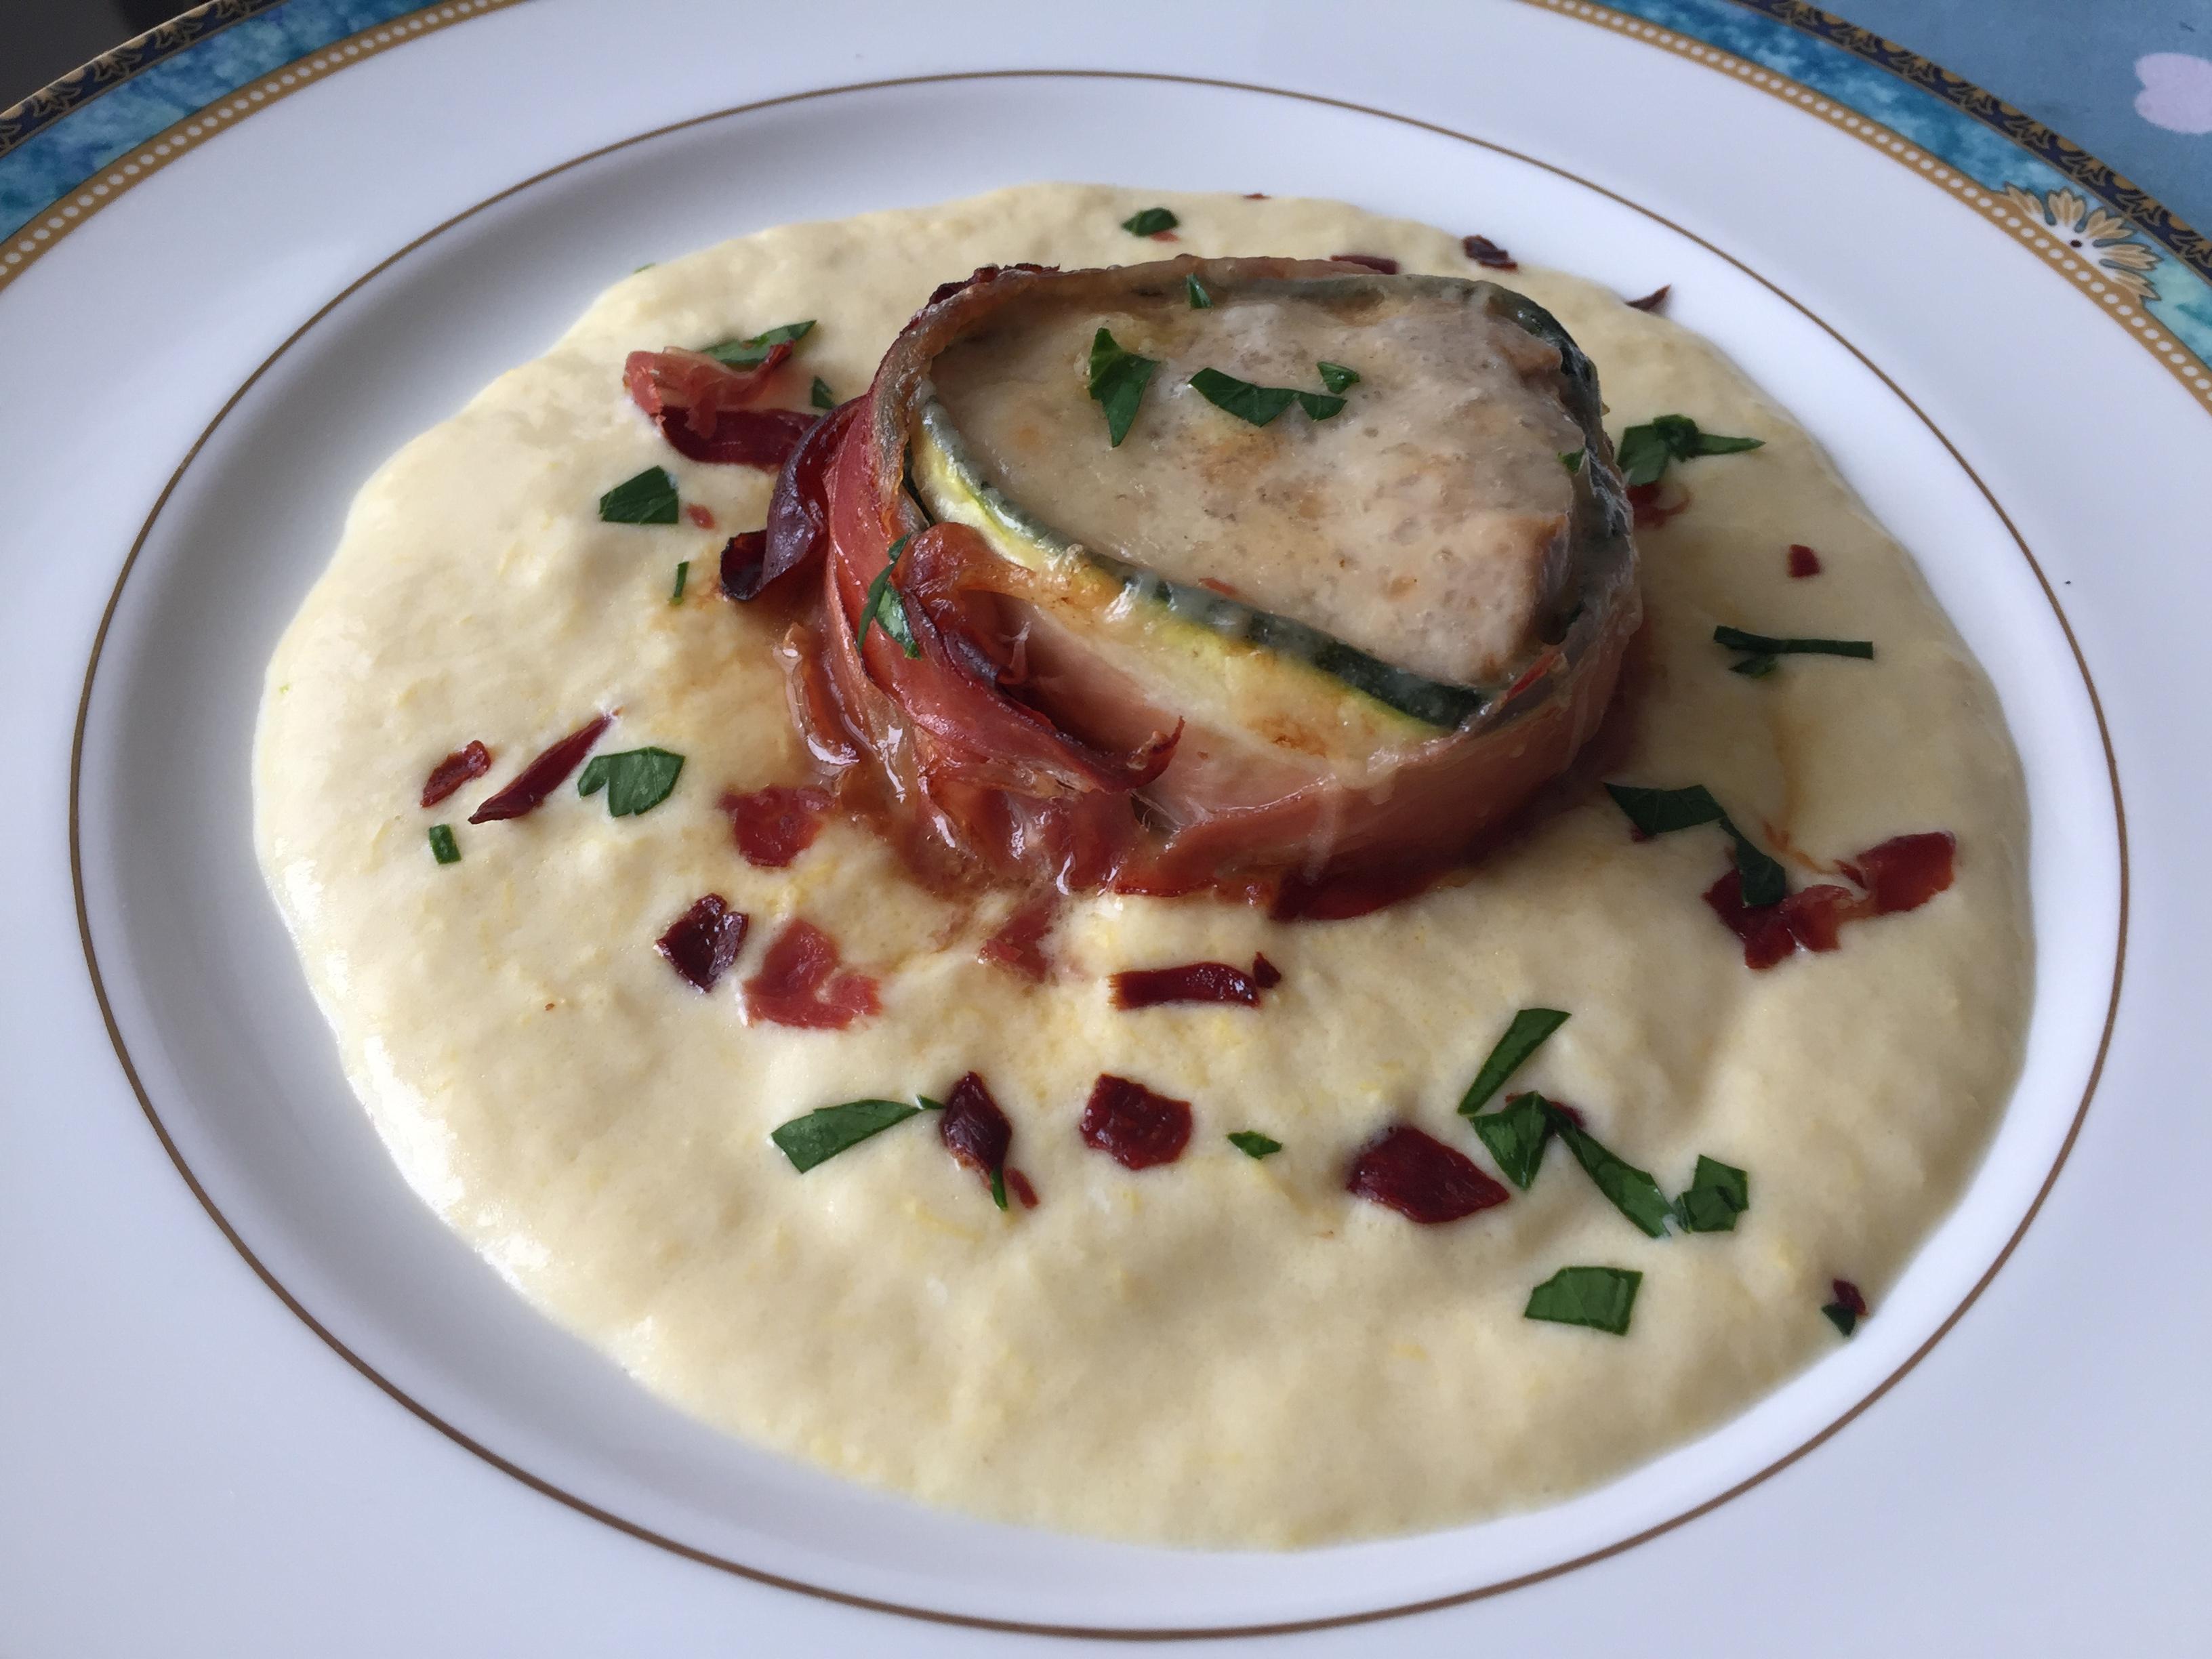 Filetto-di-maiale-lardellato-con-lo-speck-su-salsa-Mornay